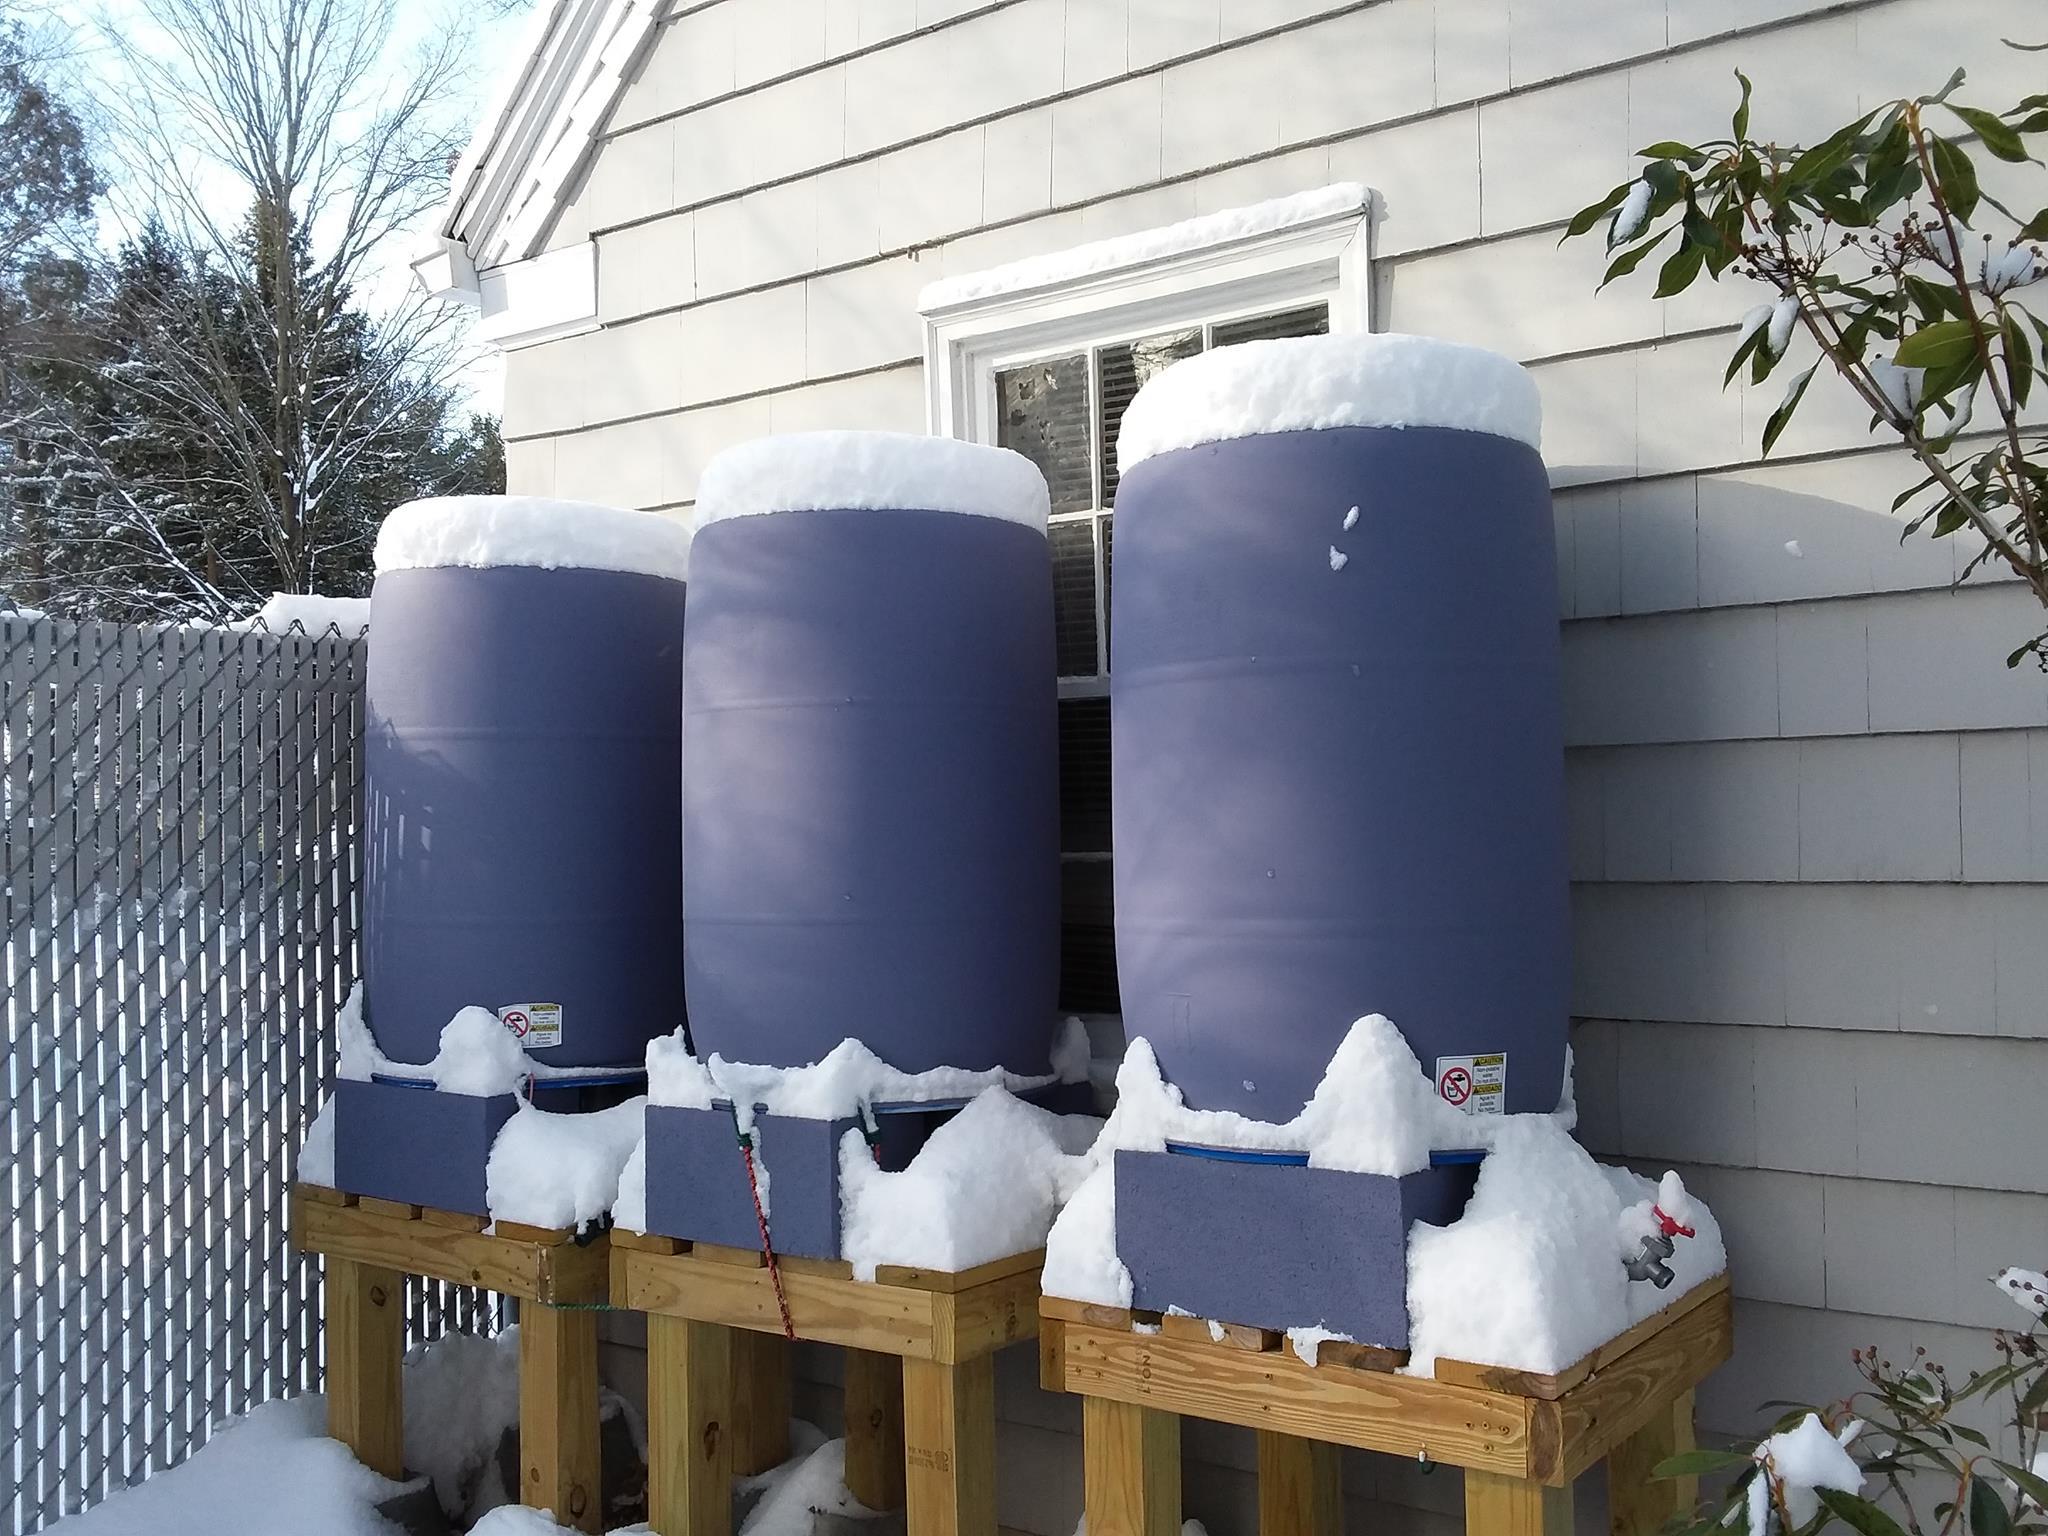 winterize rainbarrels snop-capped barrels